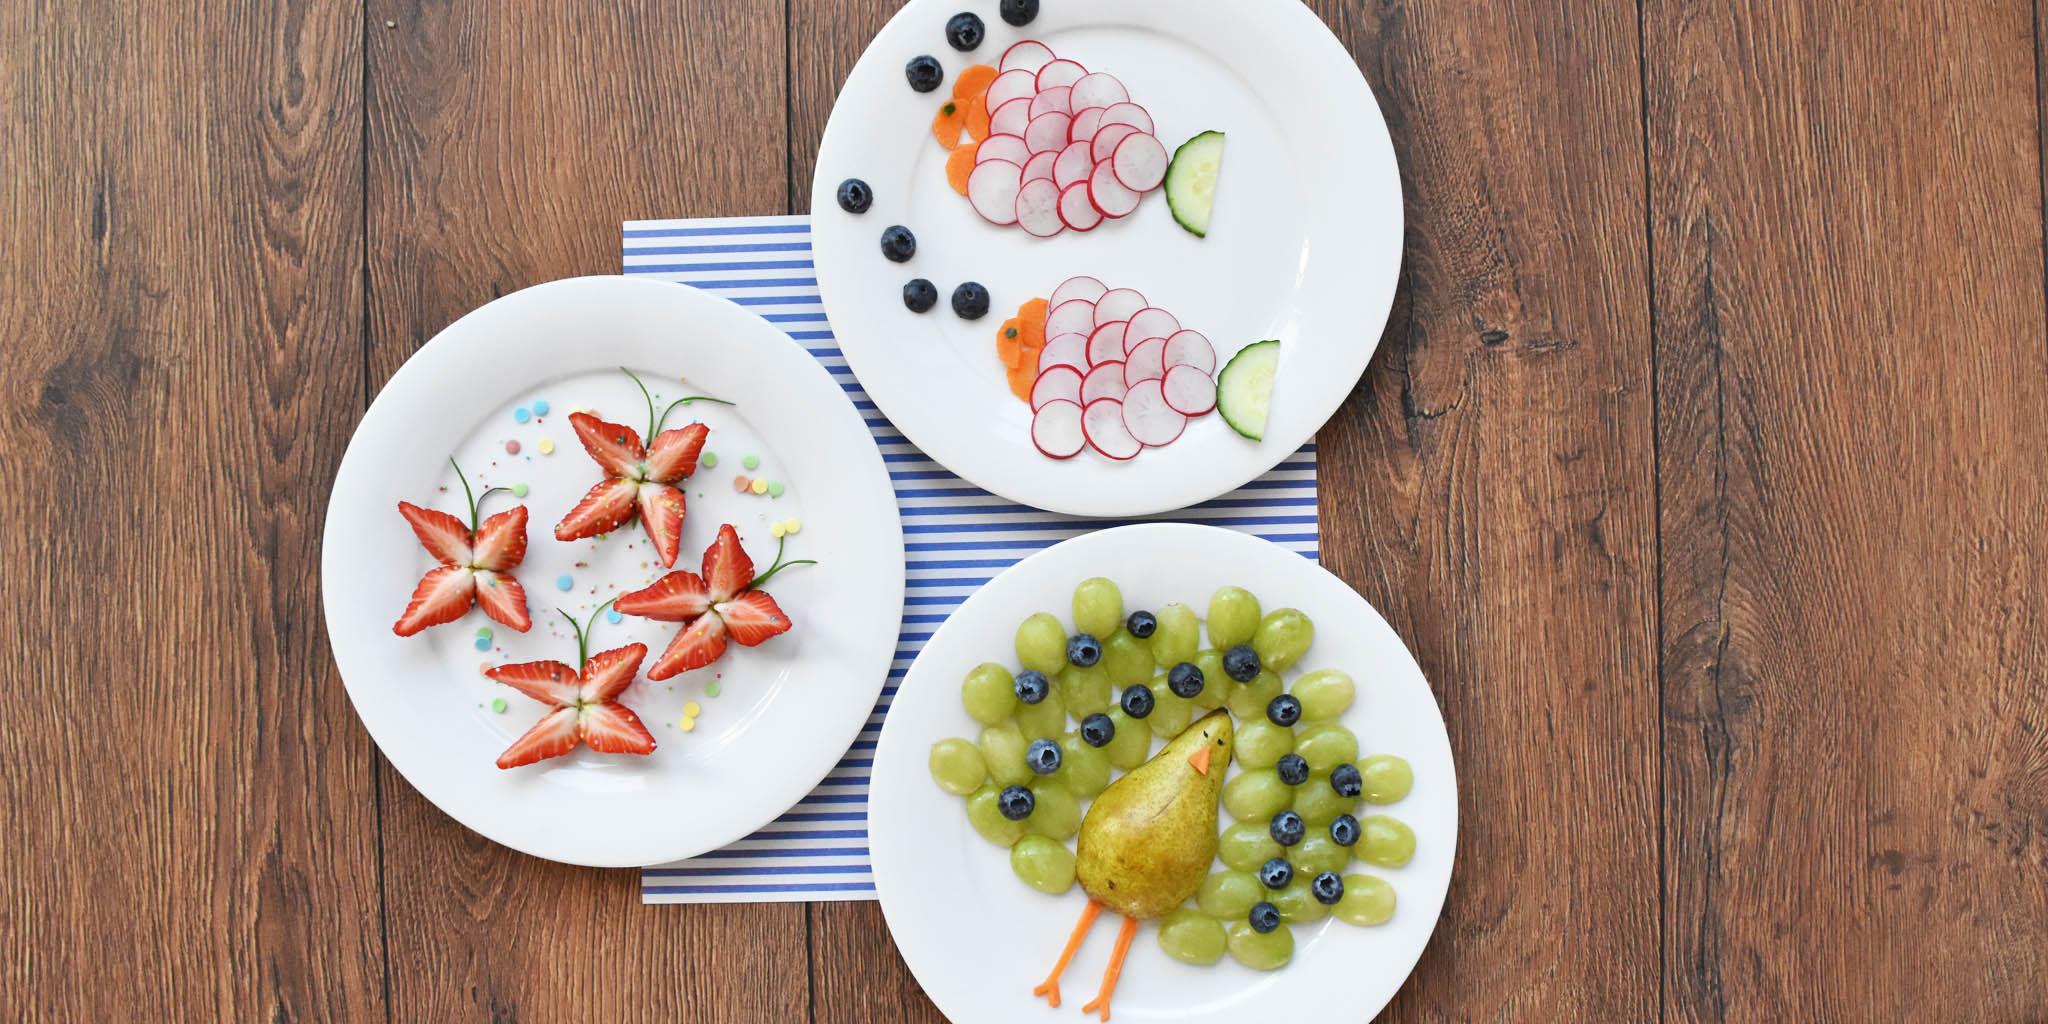 Maak gezond eten leuk voor kids!